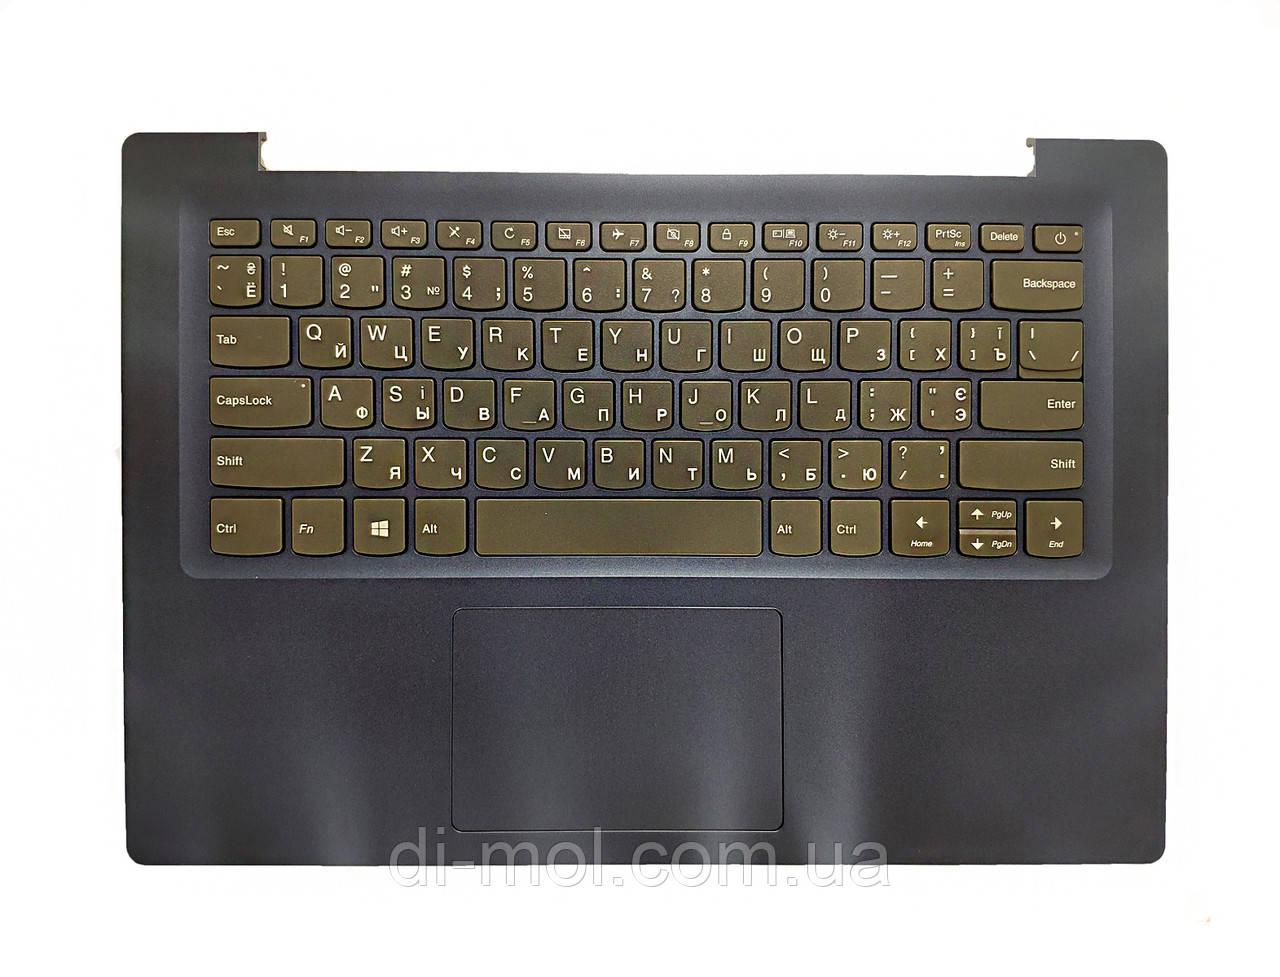 Оригинальная клавиатура для ноутбука Lenovo ideapad 120S-14IAP series, ua, gray, передняя панель